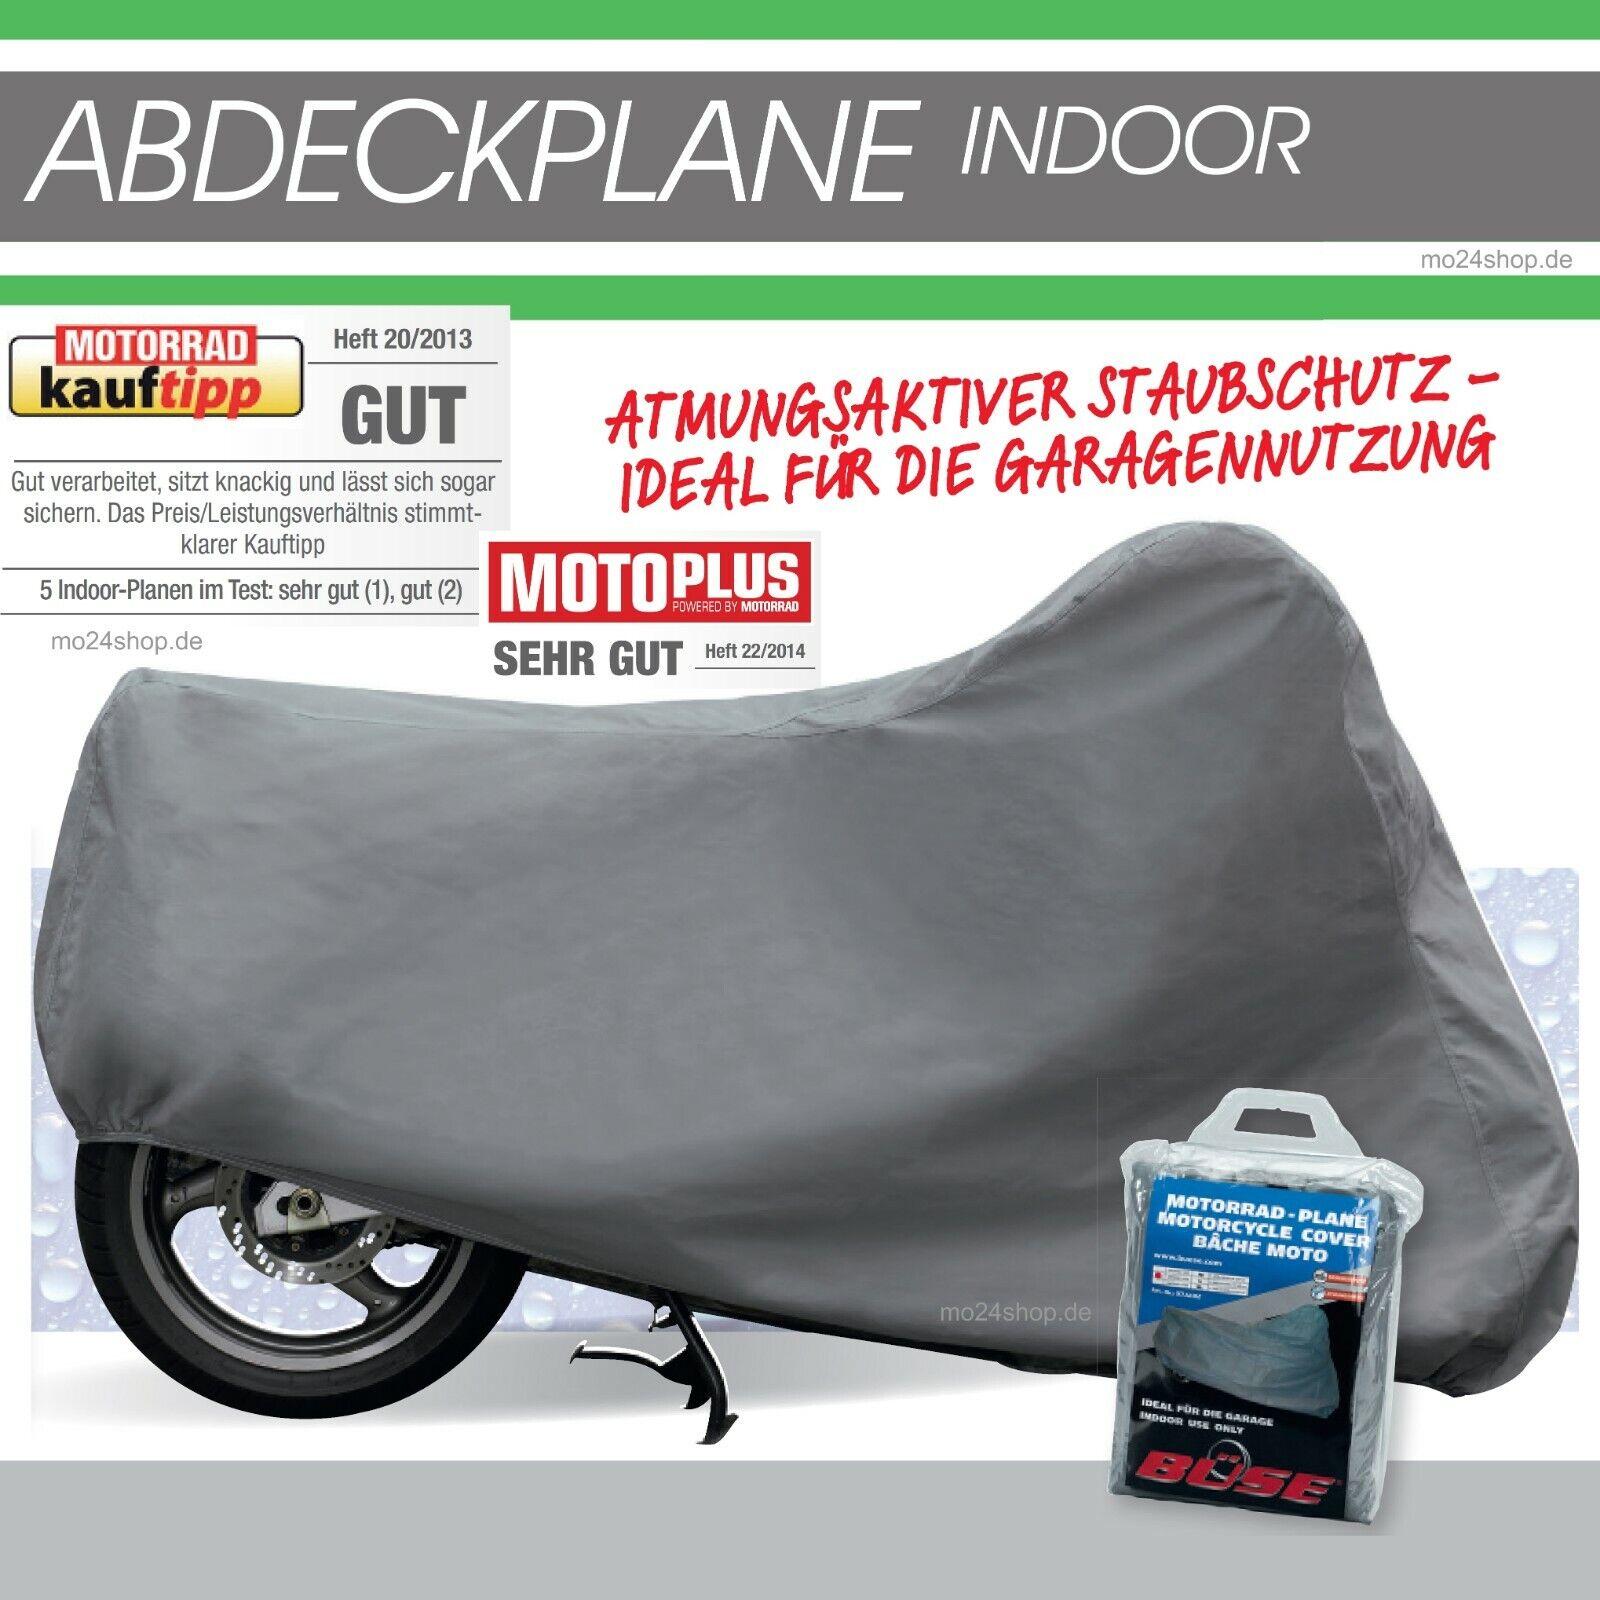 Größe L Moped Motorrad grau Roller Abdeckplane Indoor für innen